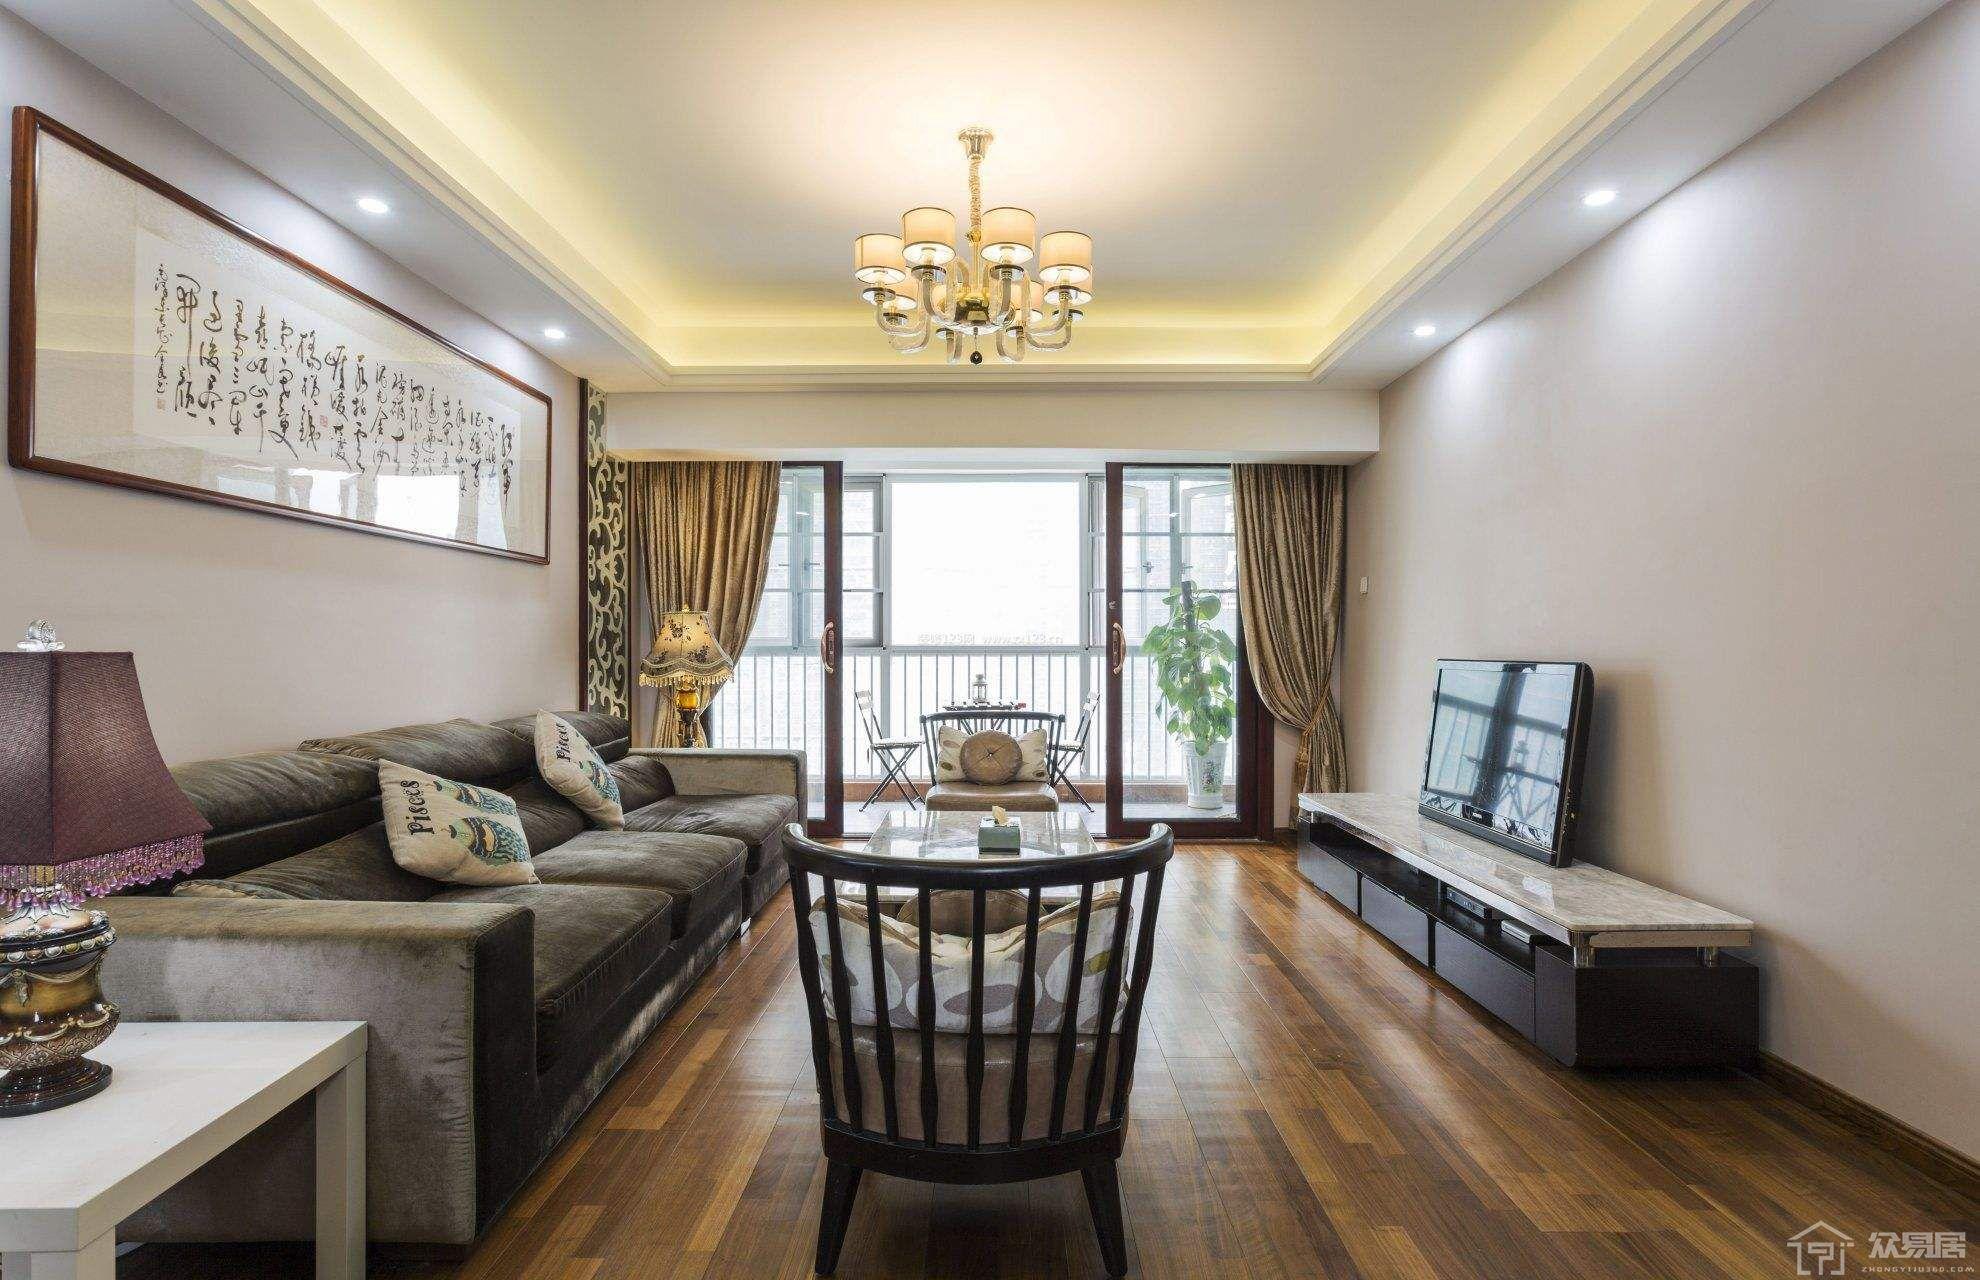 客厅和阳台的隔离怎么做?客厅和阳台隔离有什么优点